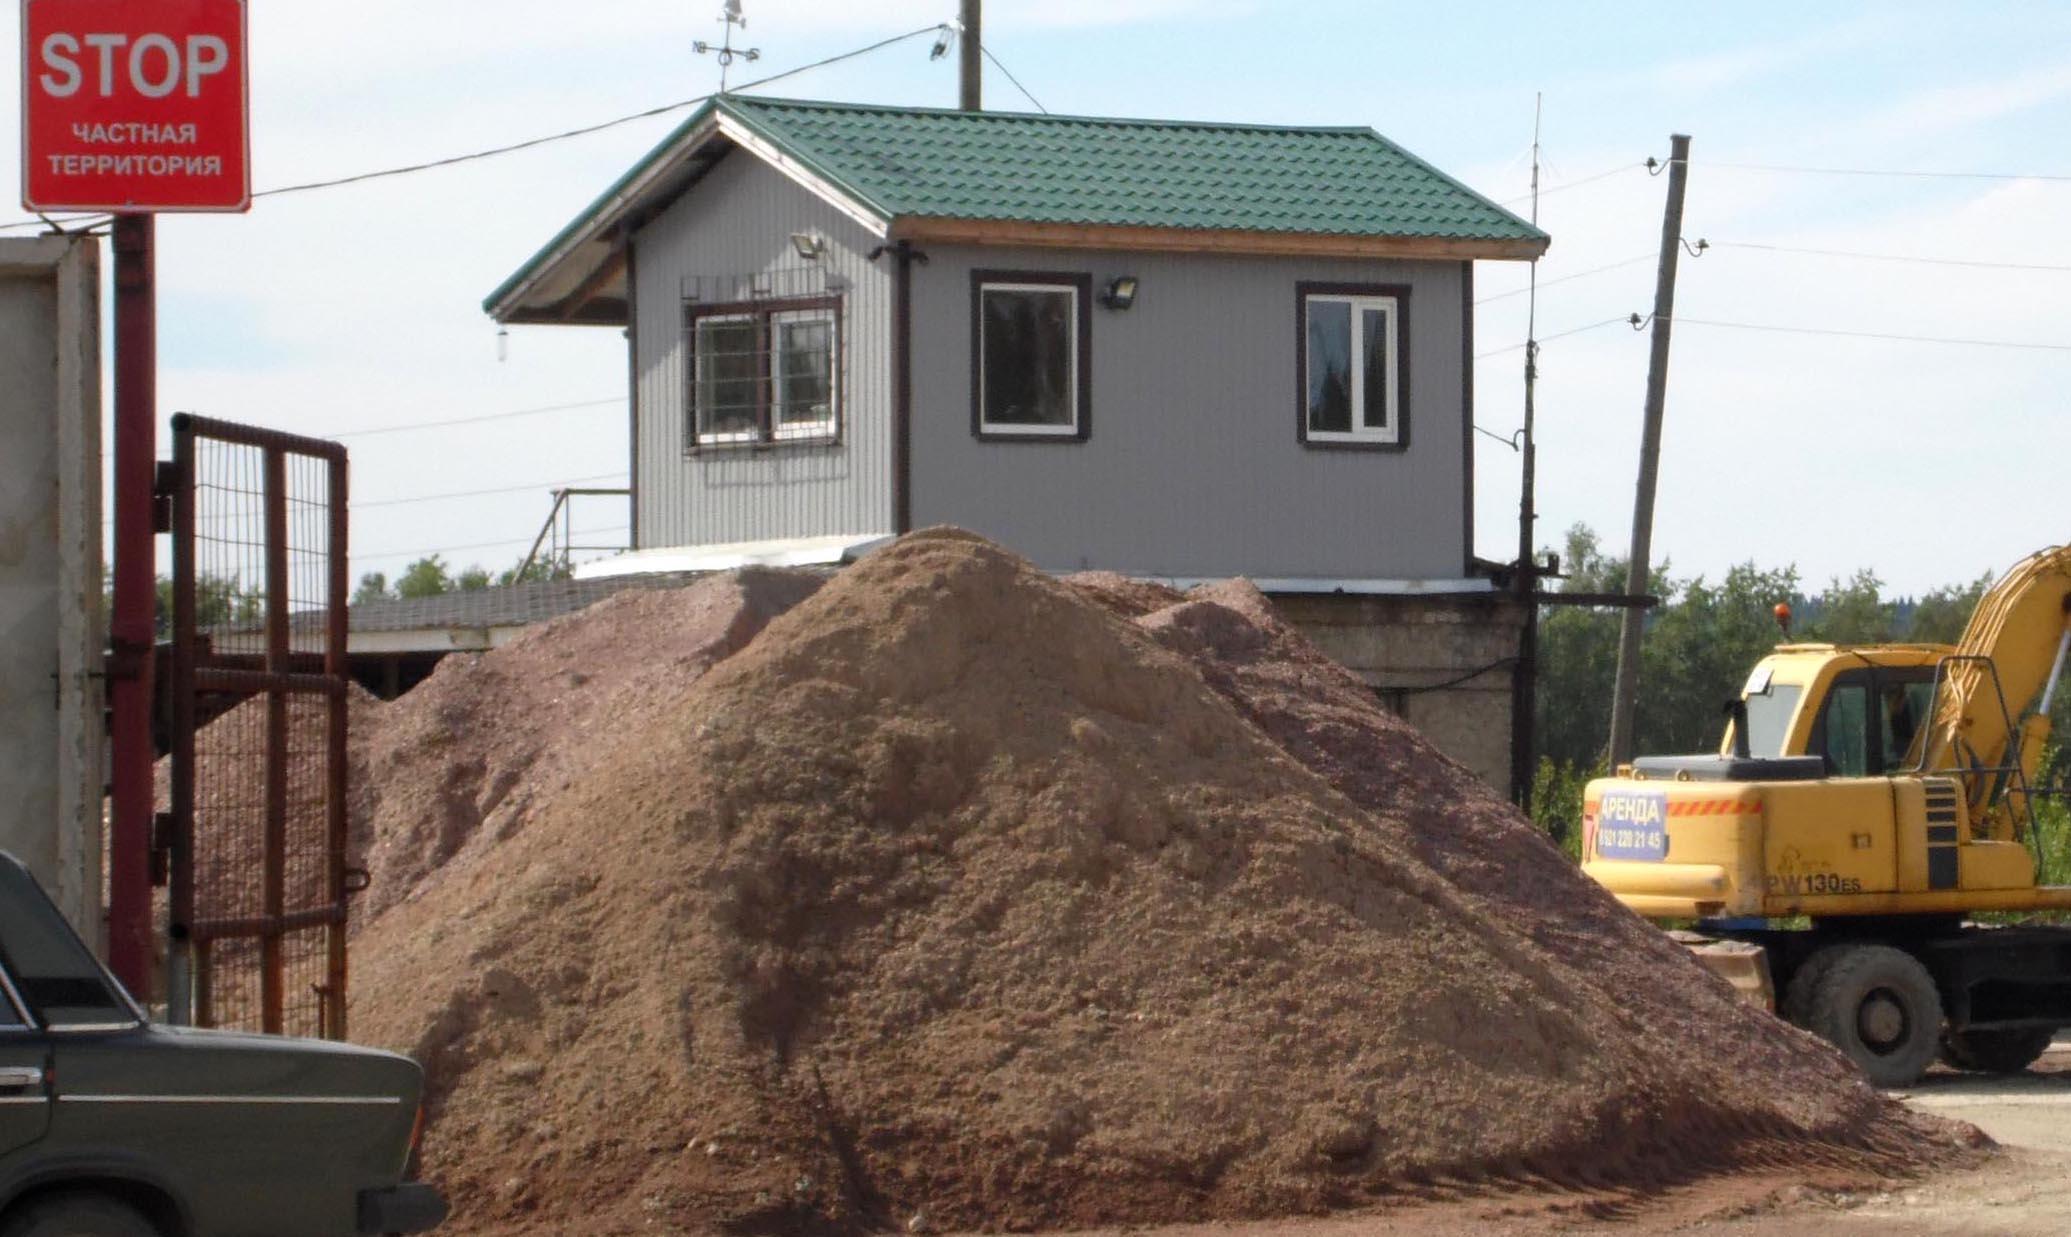 База в Сортавале, где складируется незаконно добытый песок. Фото: Алексей Владимиров